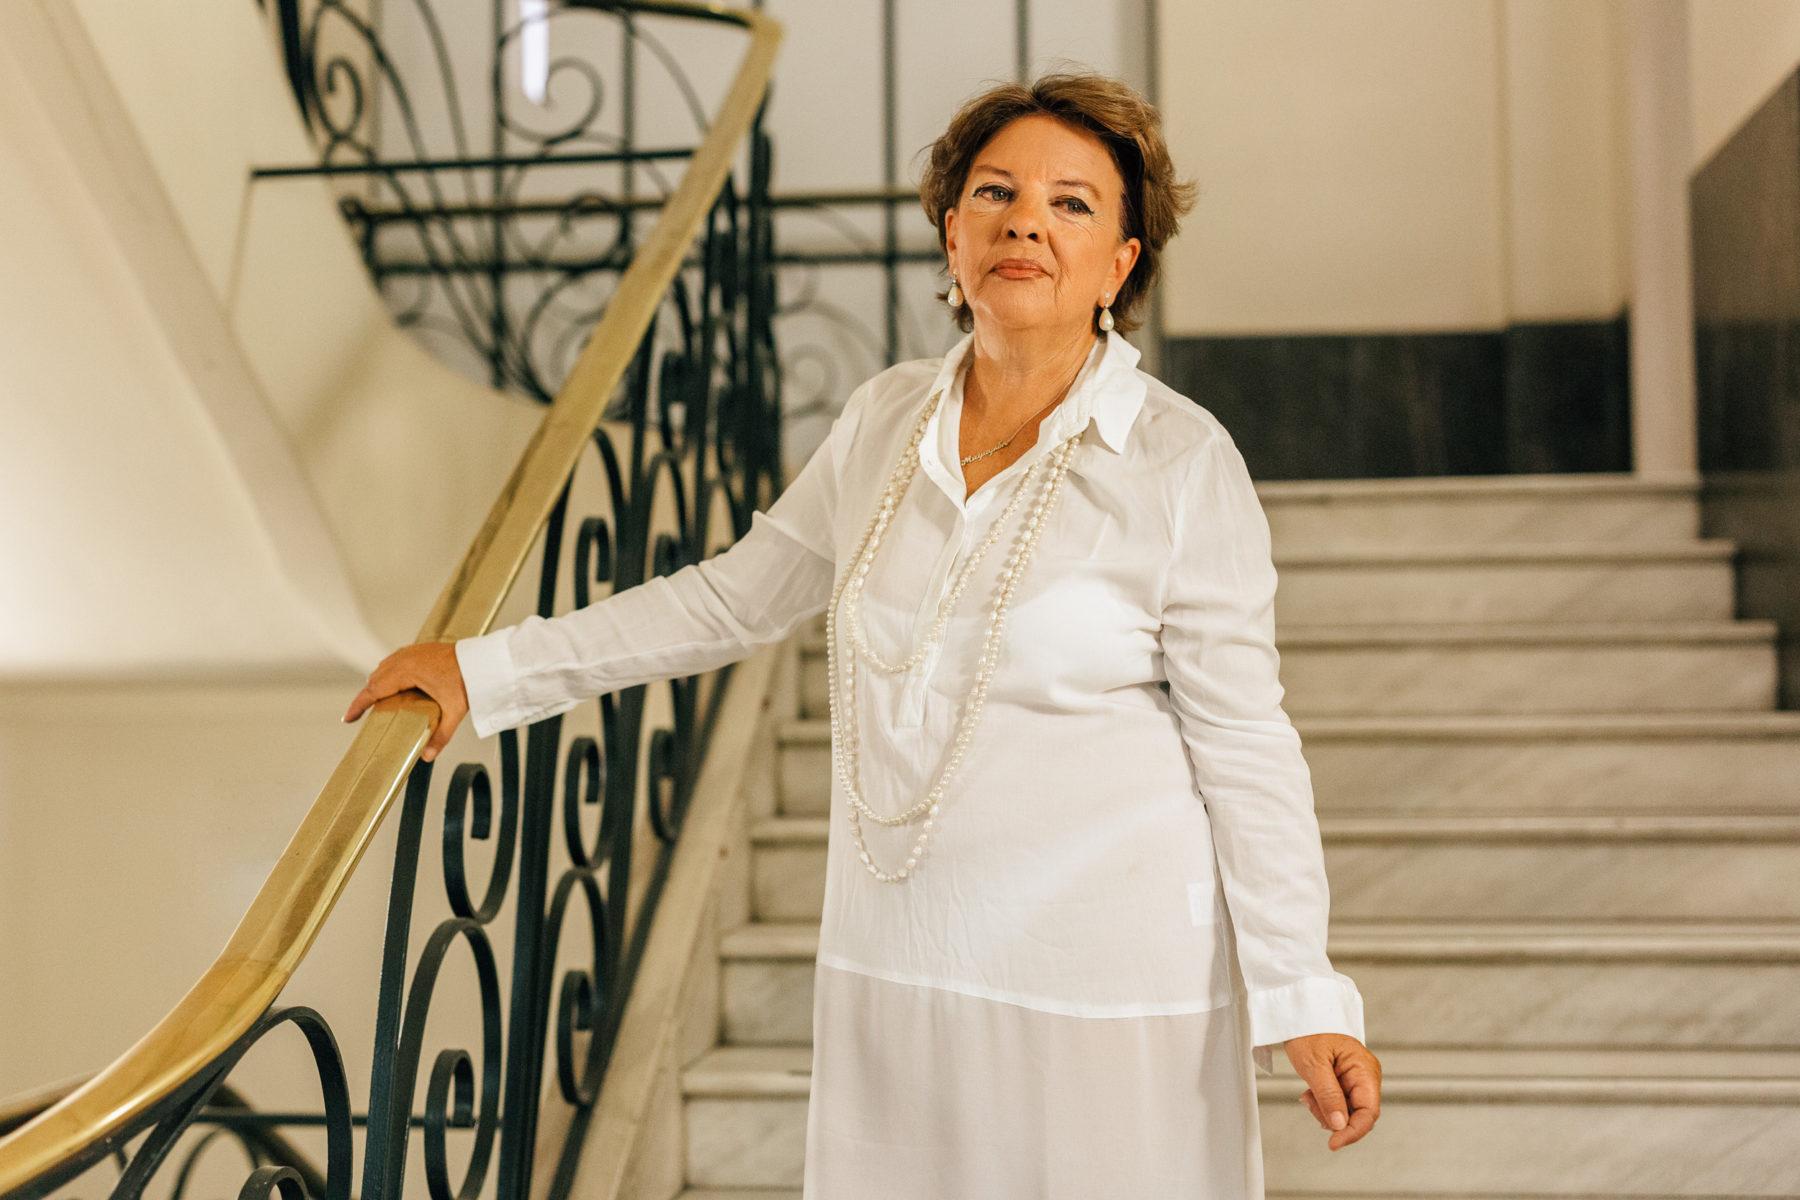 Μάρα Μεϊμαρίδη: Το αστρονομικό ποσό που κέρδισε από τις «Μάγισσες της Σμύρνης»